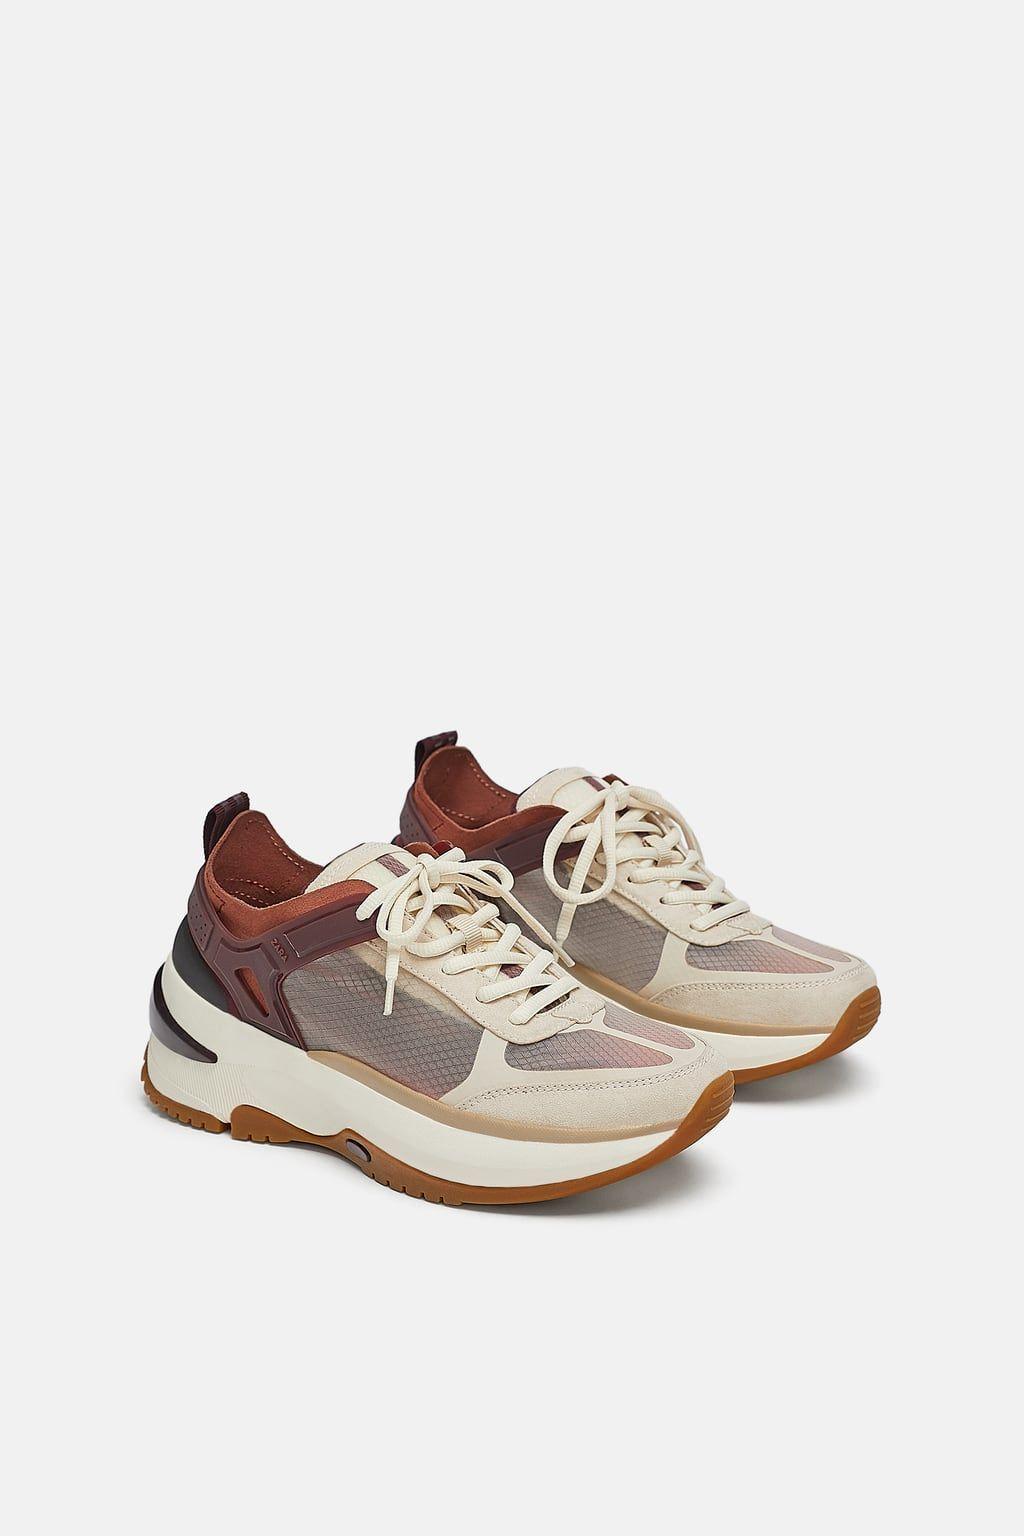 Compra > zapatos fila hombre baratos zara- OFF 69 ...